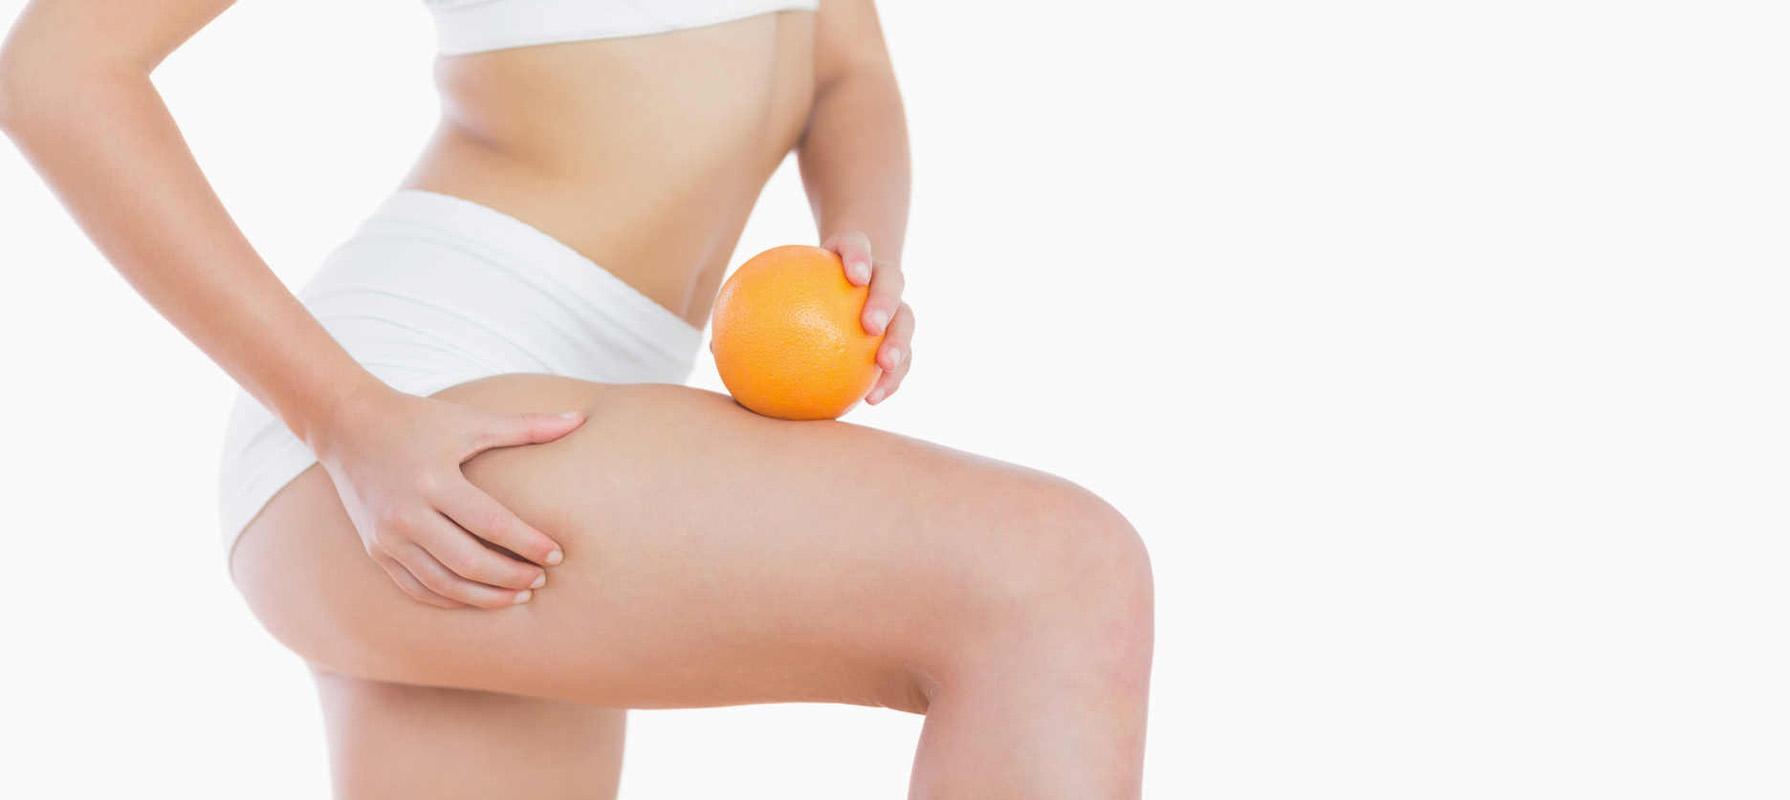 Liposuzione ginocchia Arconate, il Dottor Raoul Novelli, annoverato tra i migliori chirurghi plastici